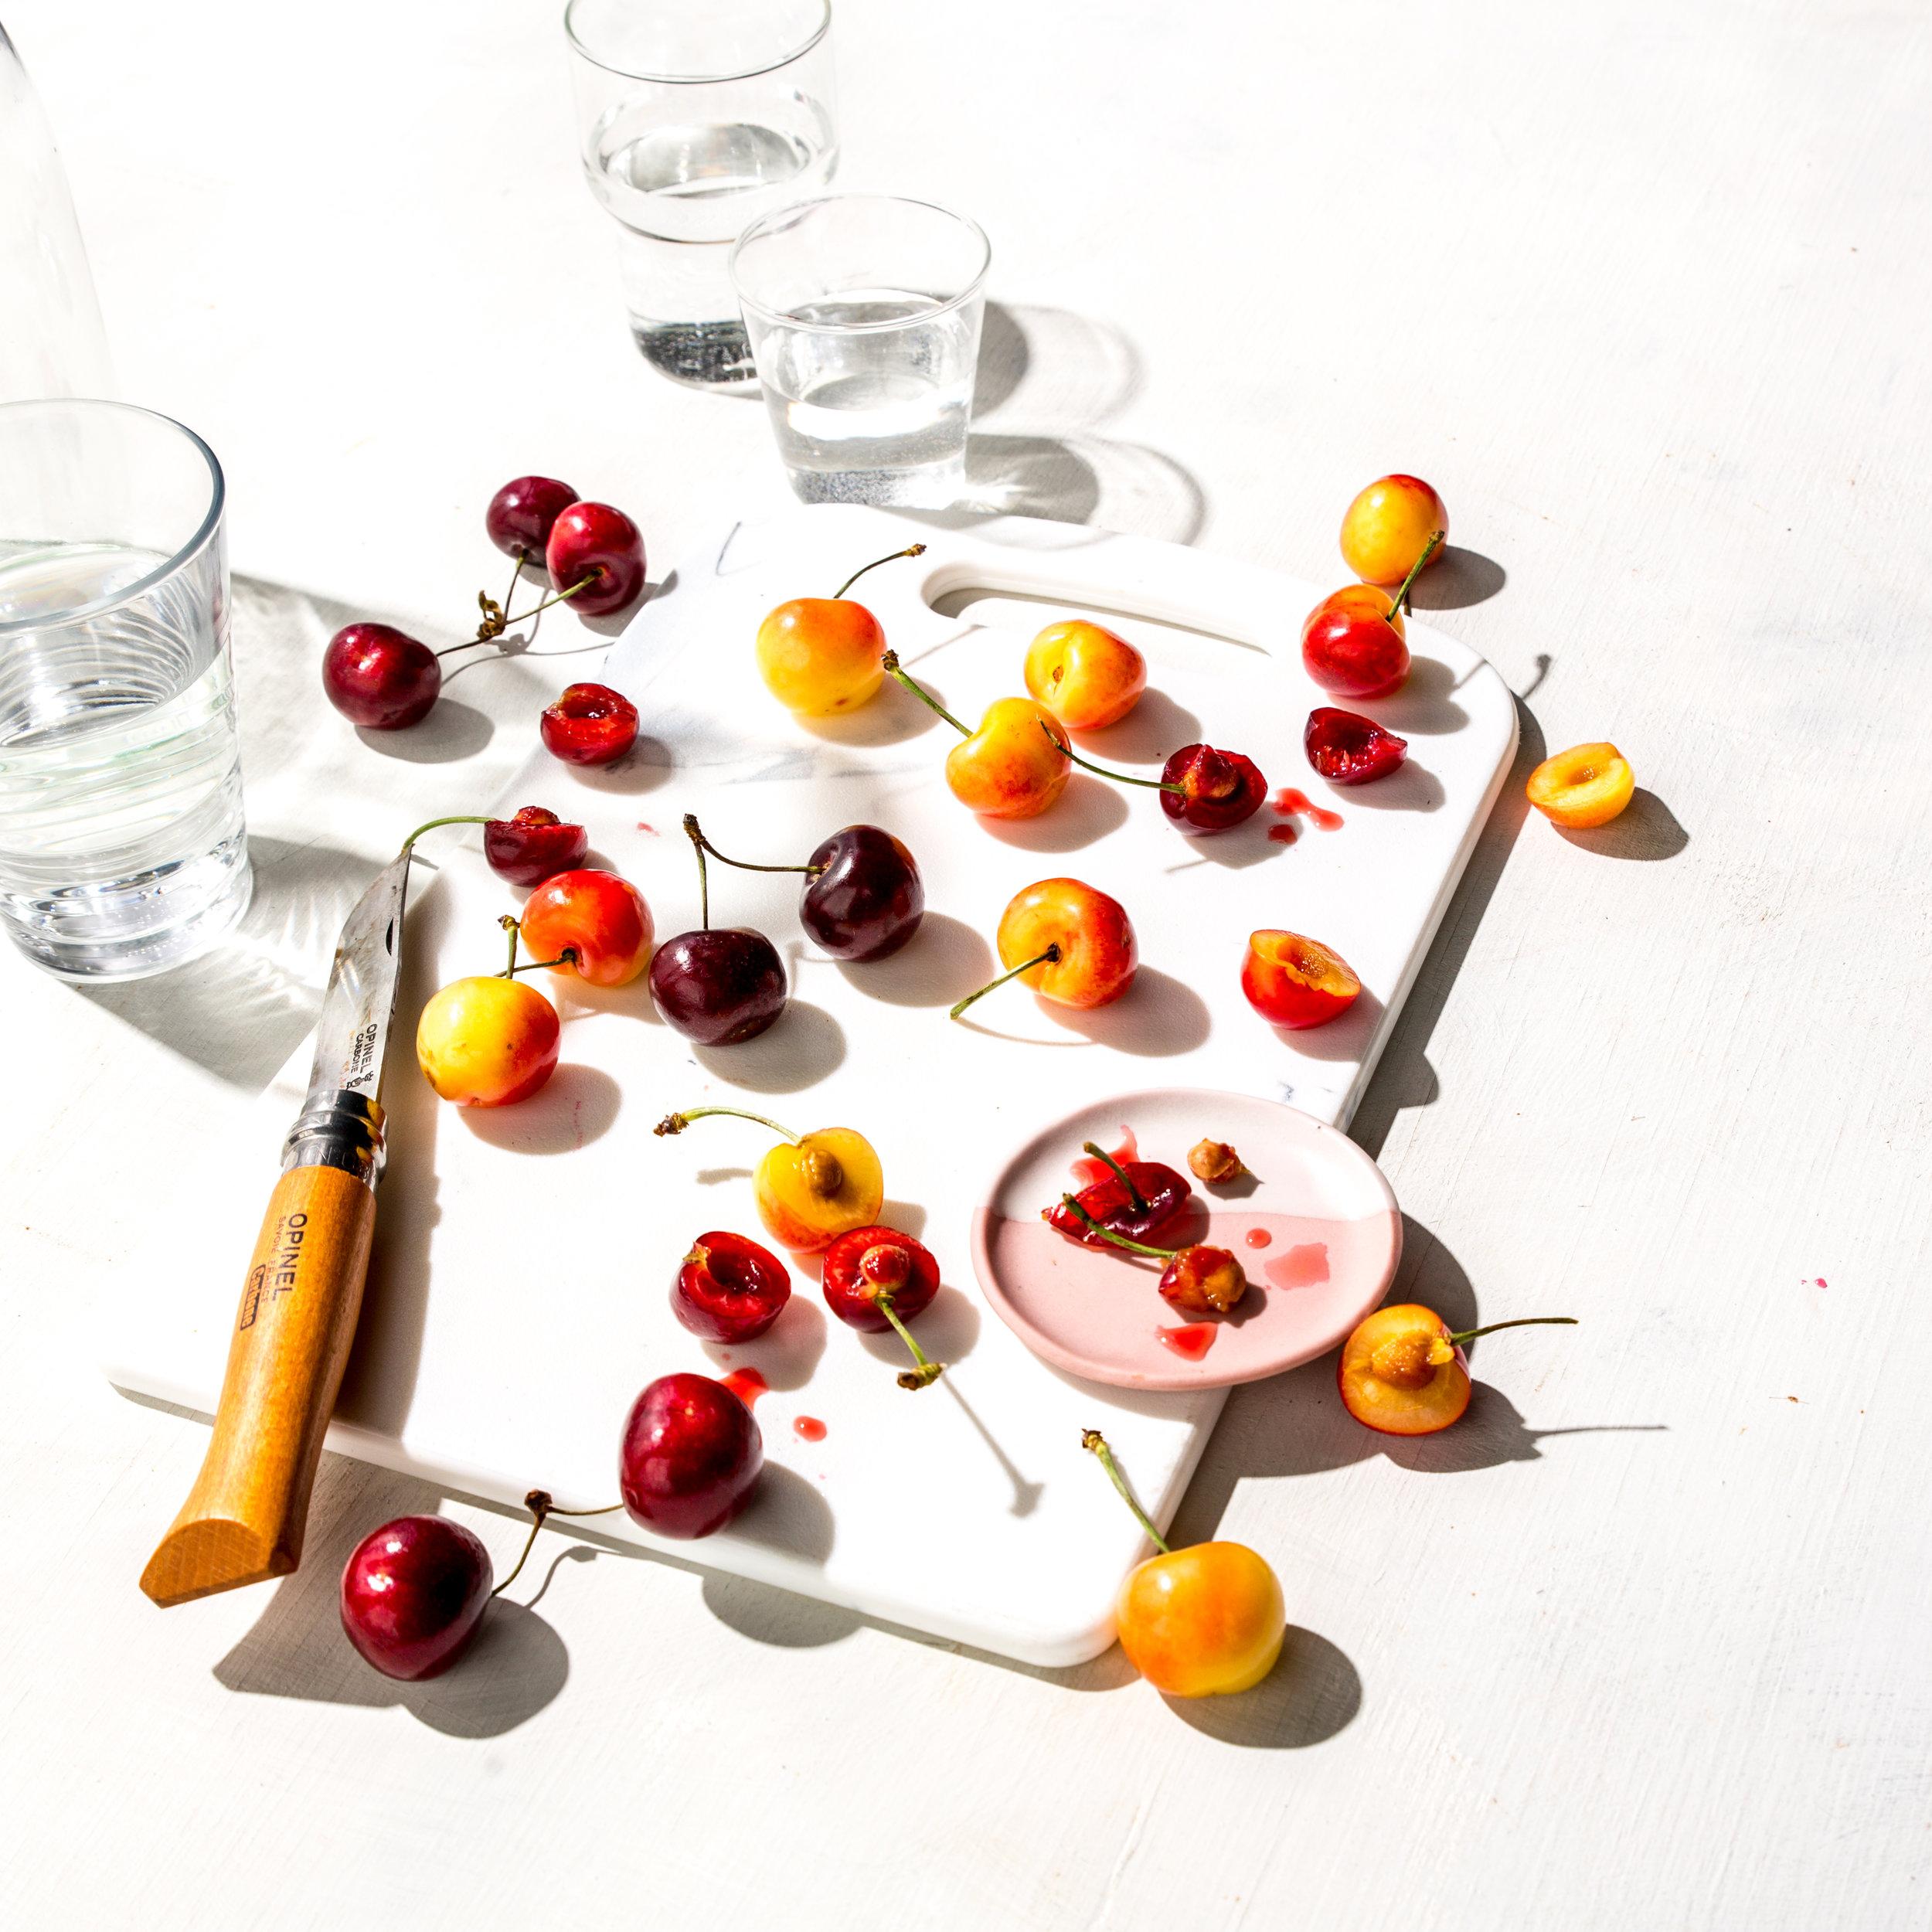 evergreen-cherries-34.jpg